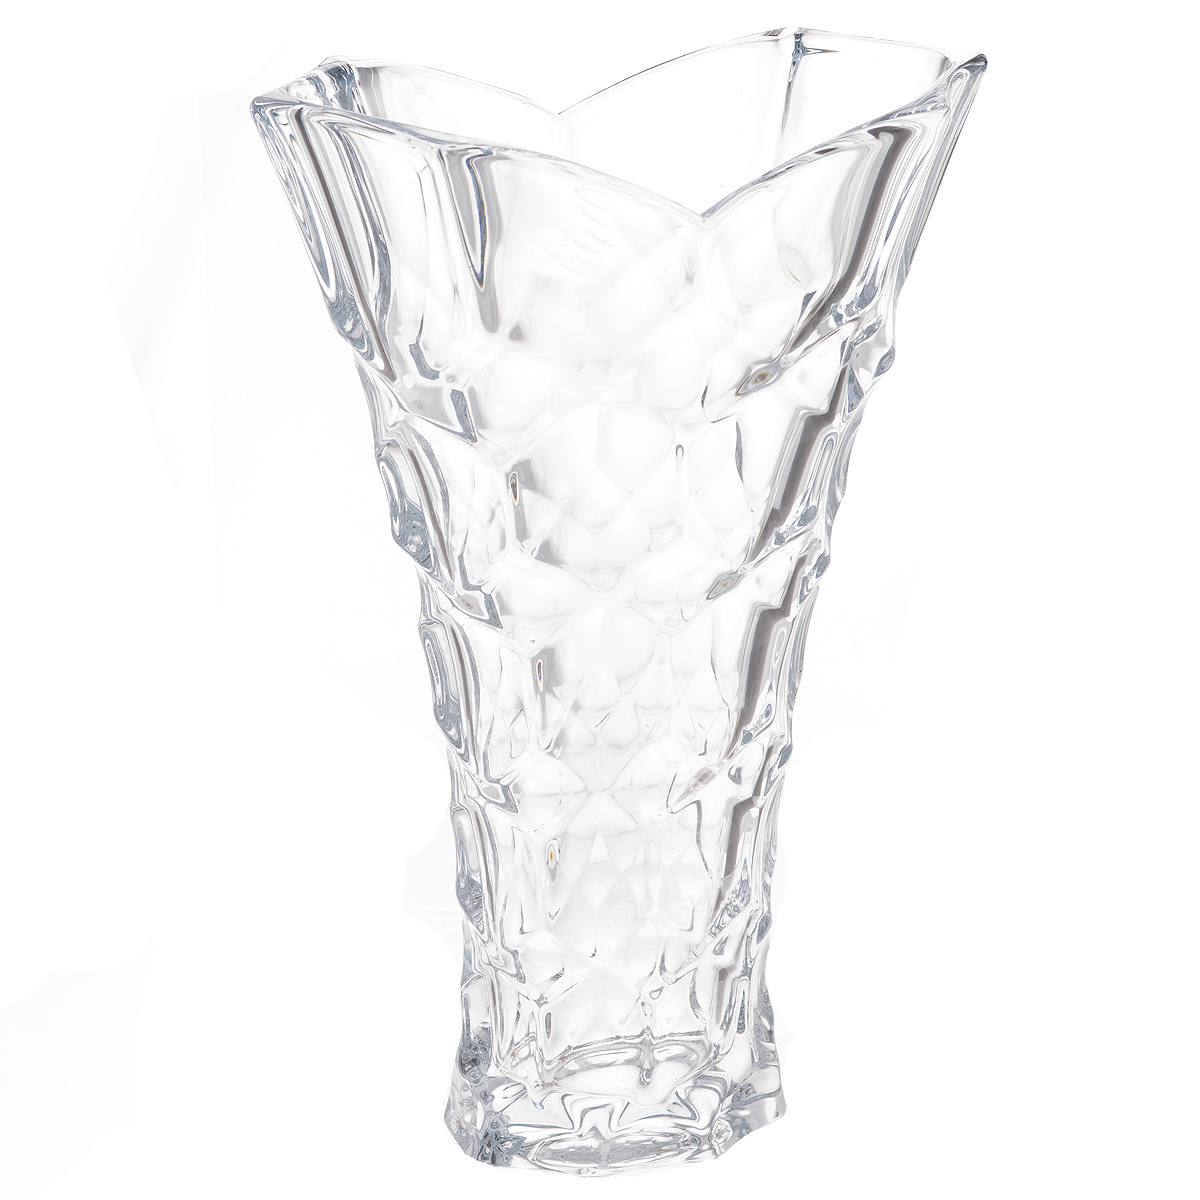 Ваза Crystalite Bohemia Медовые соты, высота 35,5 см1769496Изящная ваза Crystalite Bohemia Медовые соты изготовлена из прочного утолщенного стекла кристалайт. Она красиво переливается и излучает приятный блеск. Ваза оснащена оригинальным рельефным орнаментом, напоминающим соты, и неровными краями, что делает ее изящным украшением интерьера. Ваза Crystalite Bohemia Медовые сотыл дополнит интерьер офиса или дома и станет желанным и стильным подарком.